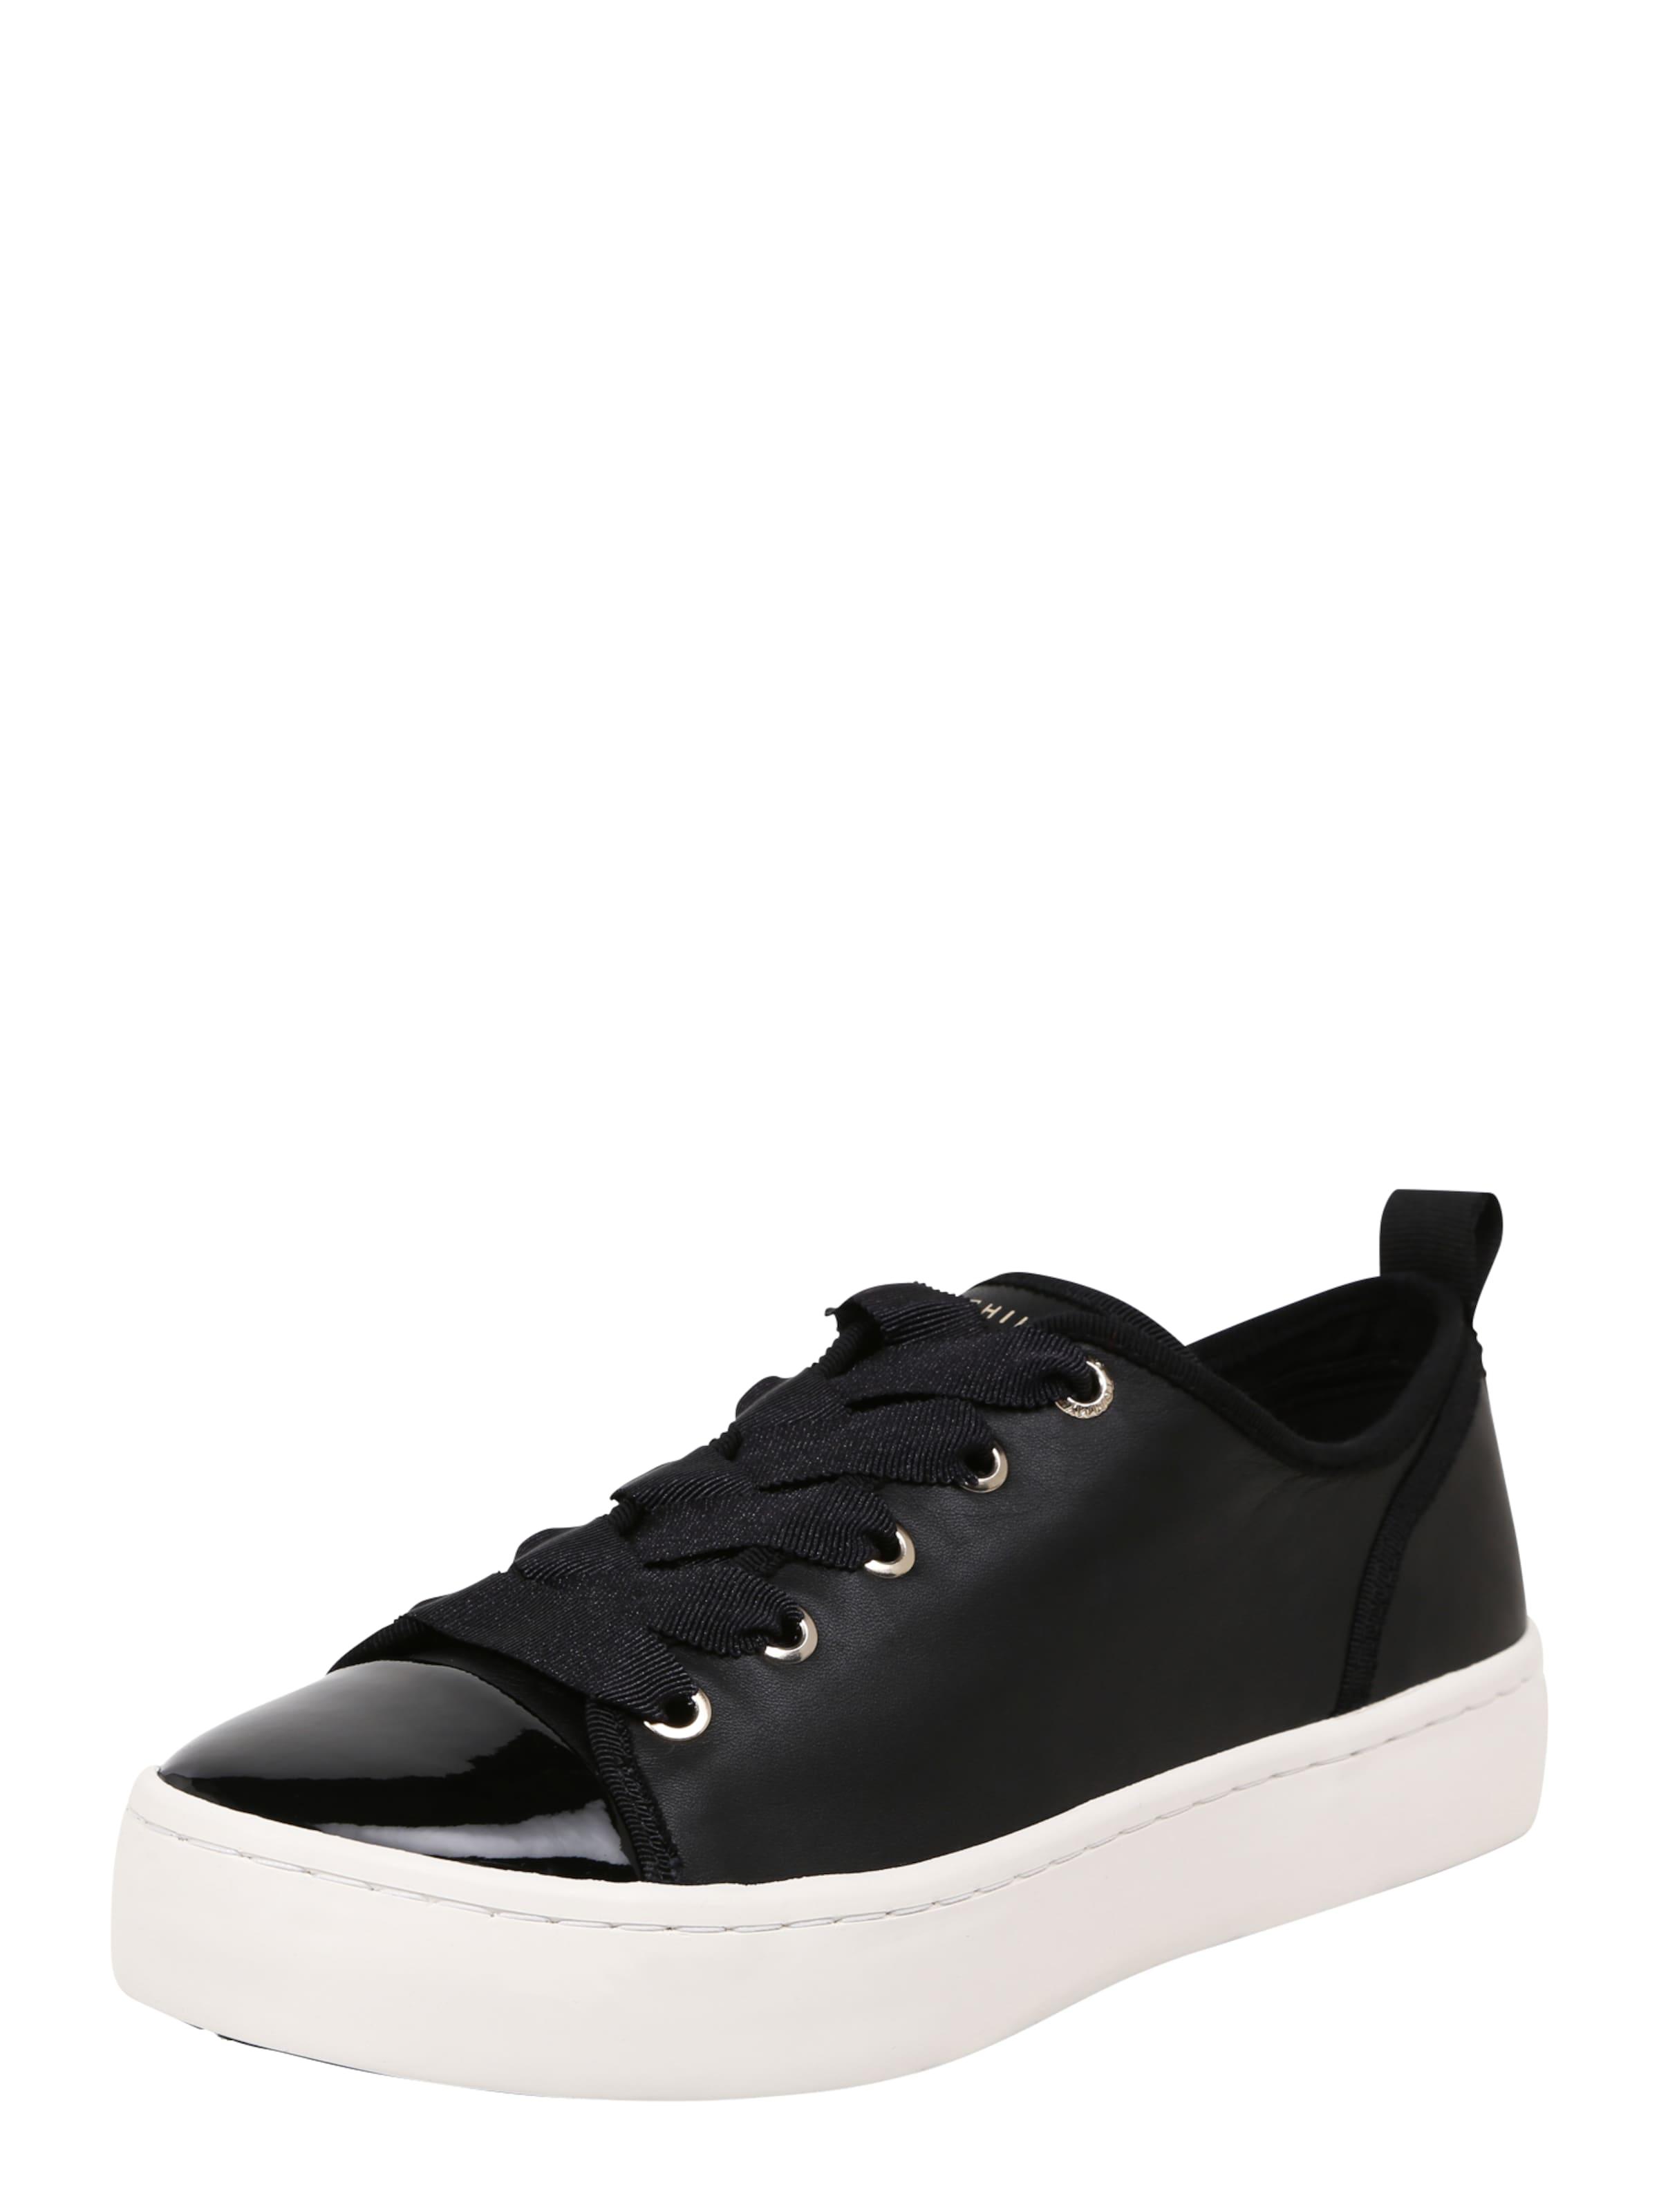 TOMMY HILFIGER Sneaker Jupiter Verschleißfeste billige Schuhe